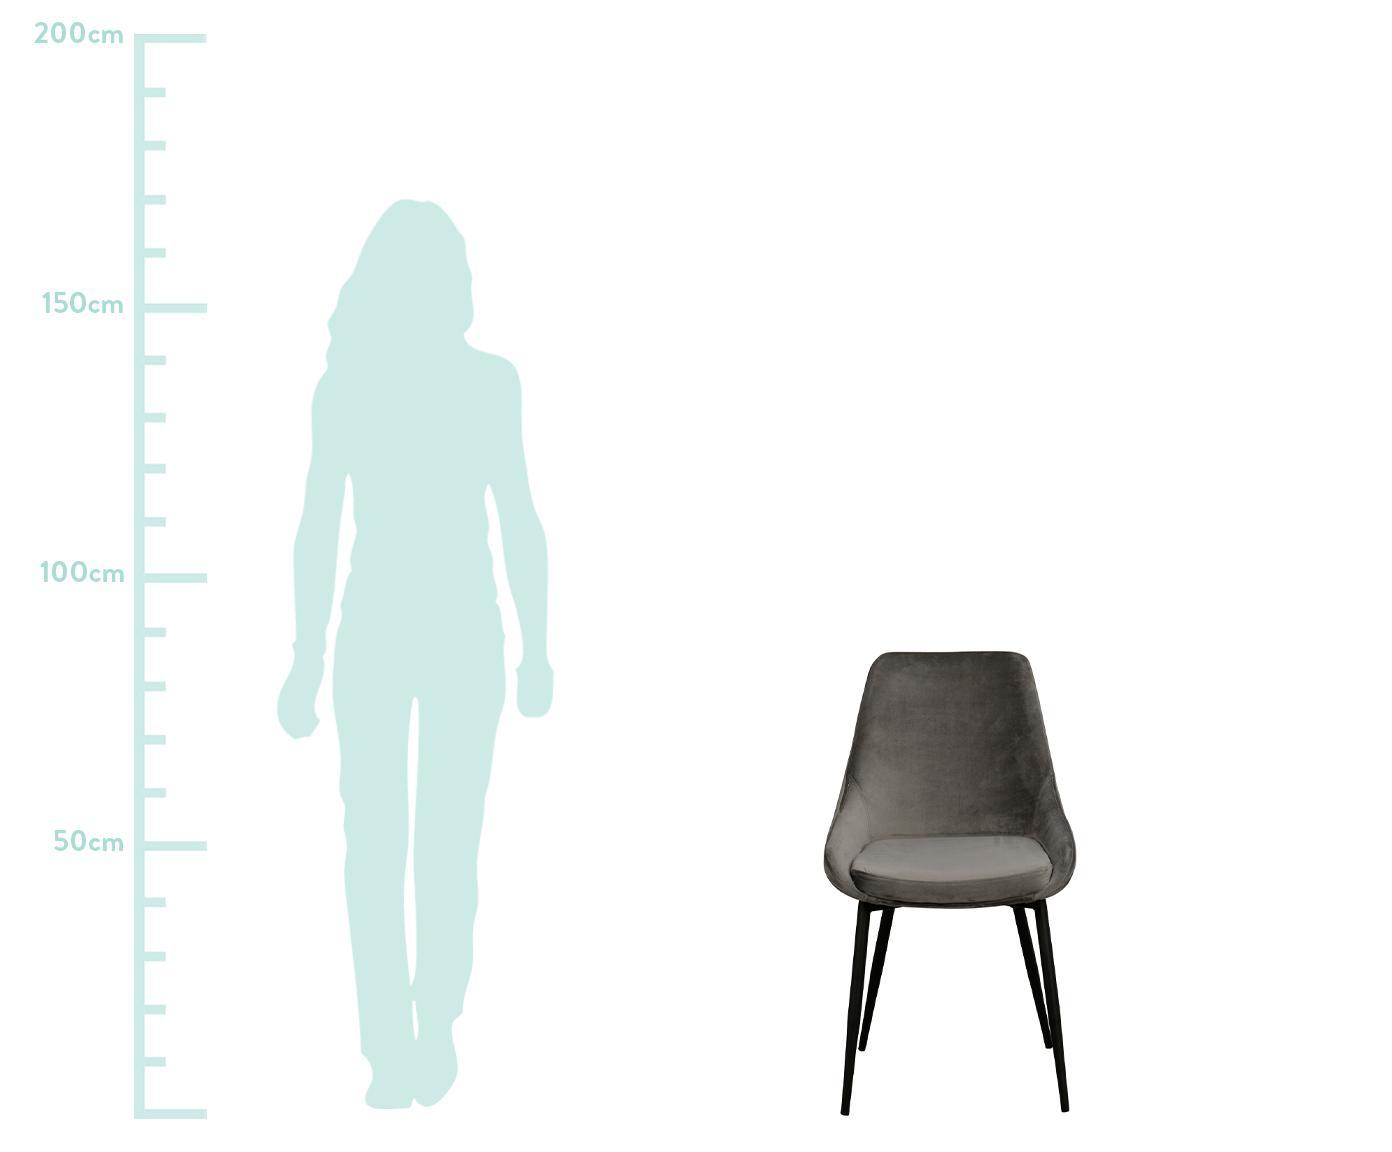 Krzesło tapicerowane z aksamitu Sierra, 2 szt., Tapicerka: aksamit poliestrowy 1000, Nogi: metal lakierowany, Szary, czarny, S 49 x G 55 cm